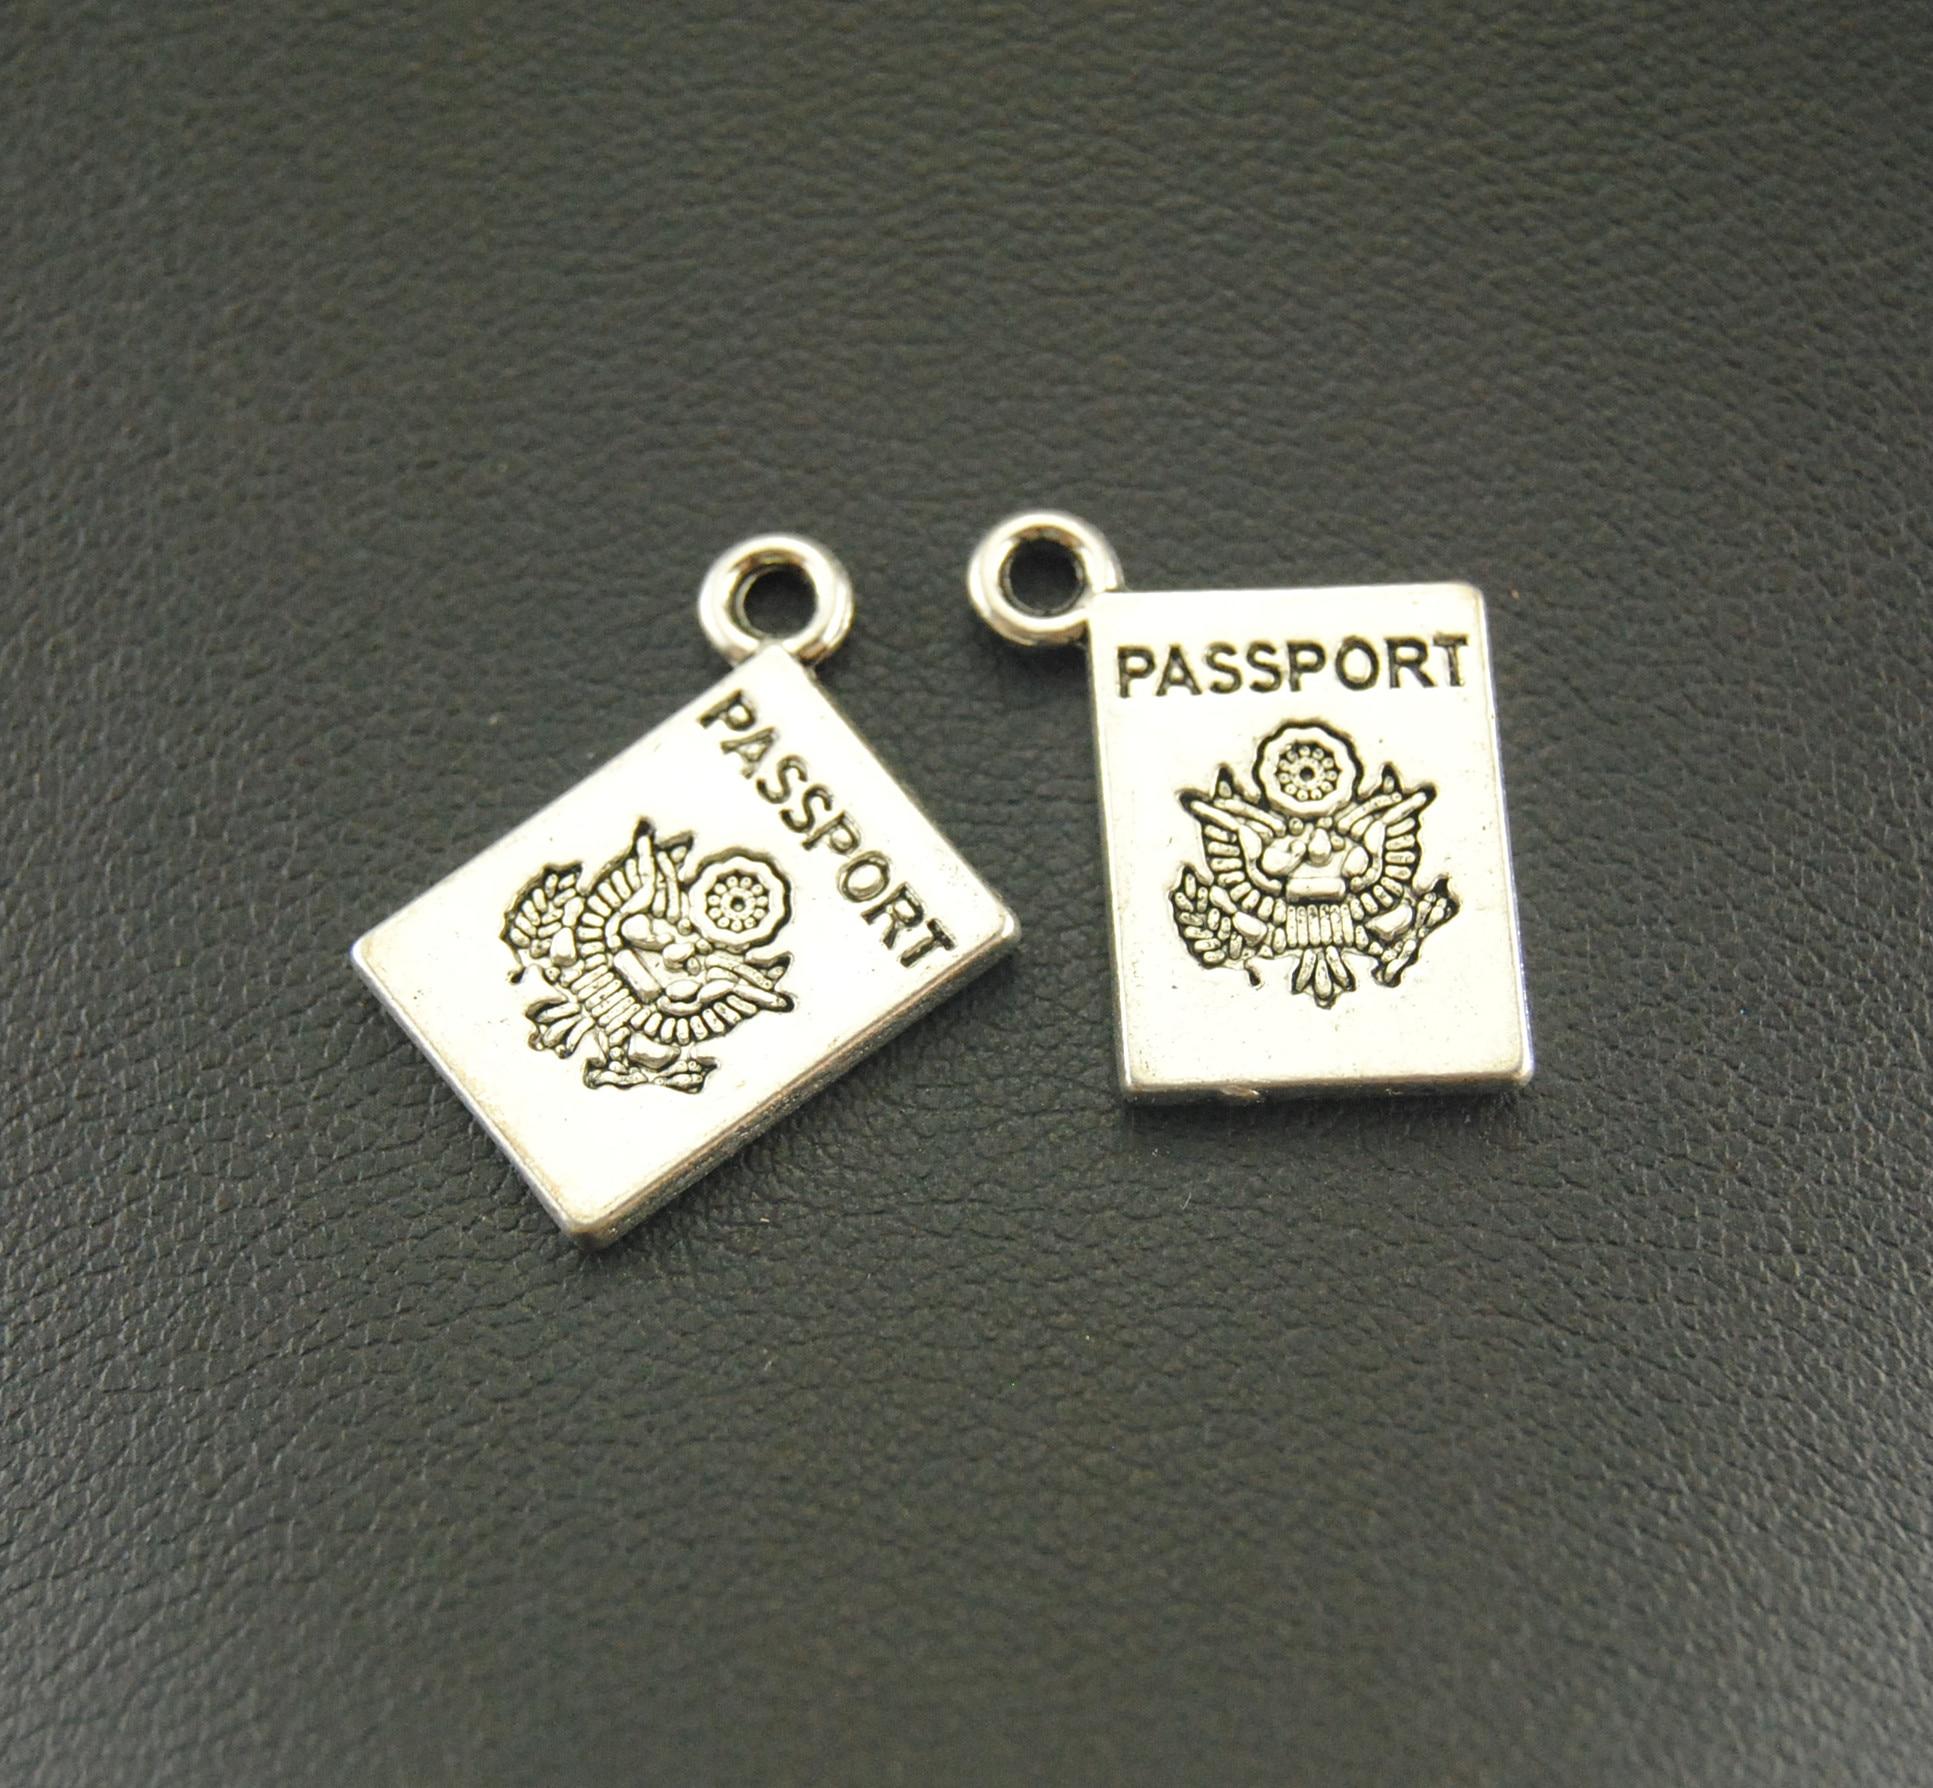 10 Stücke 15x18mm Antike Silber Passport Charme Schmuck Anhänger Für Armband Halskette A824